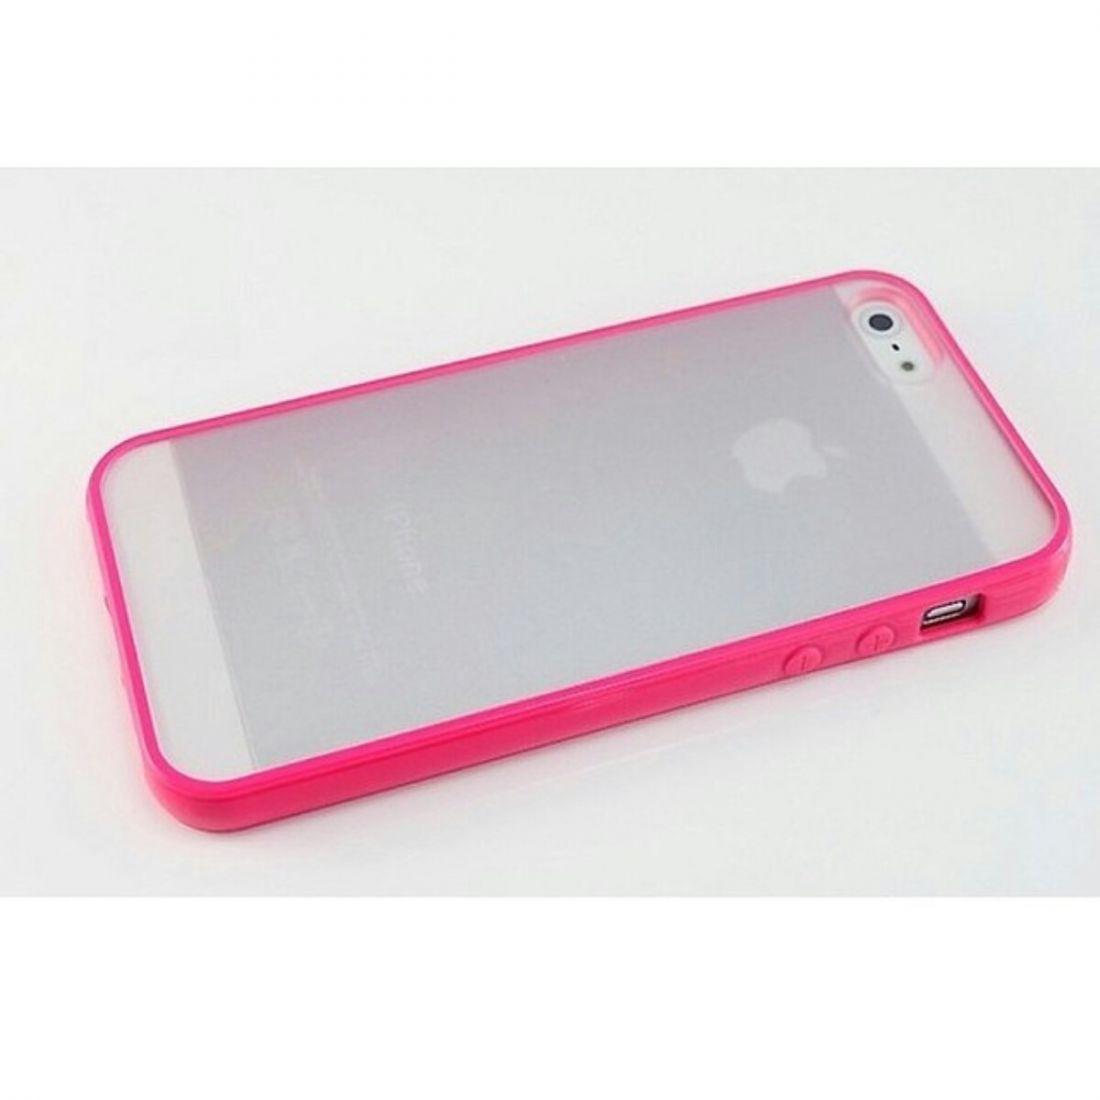 Чехлы для iphone 5/5s - бампера с прозрачной крышкой (розовый)